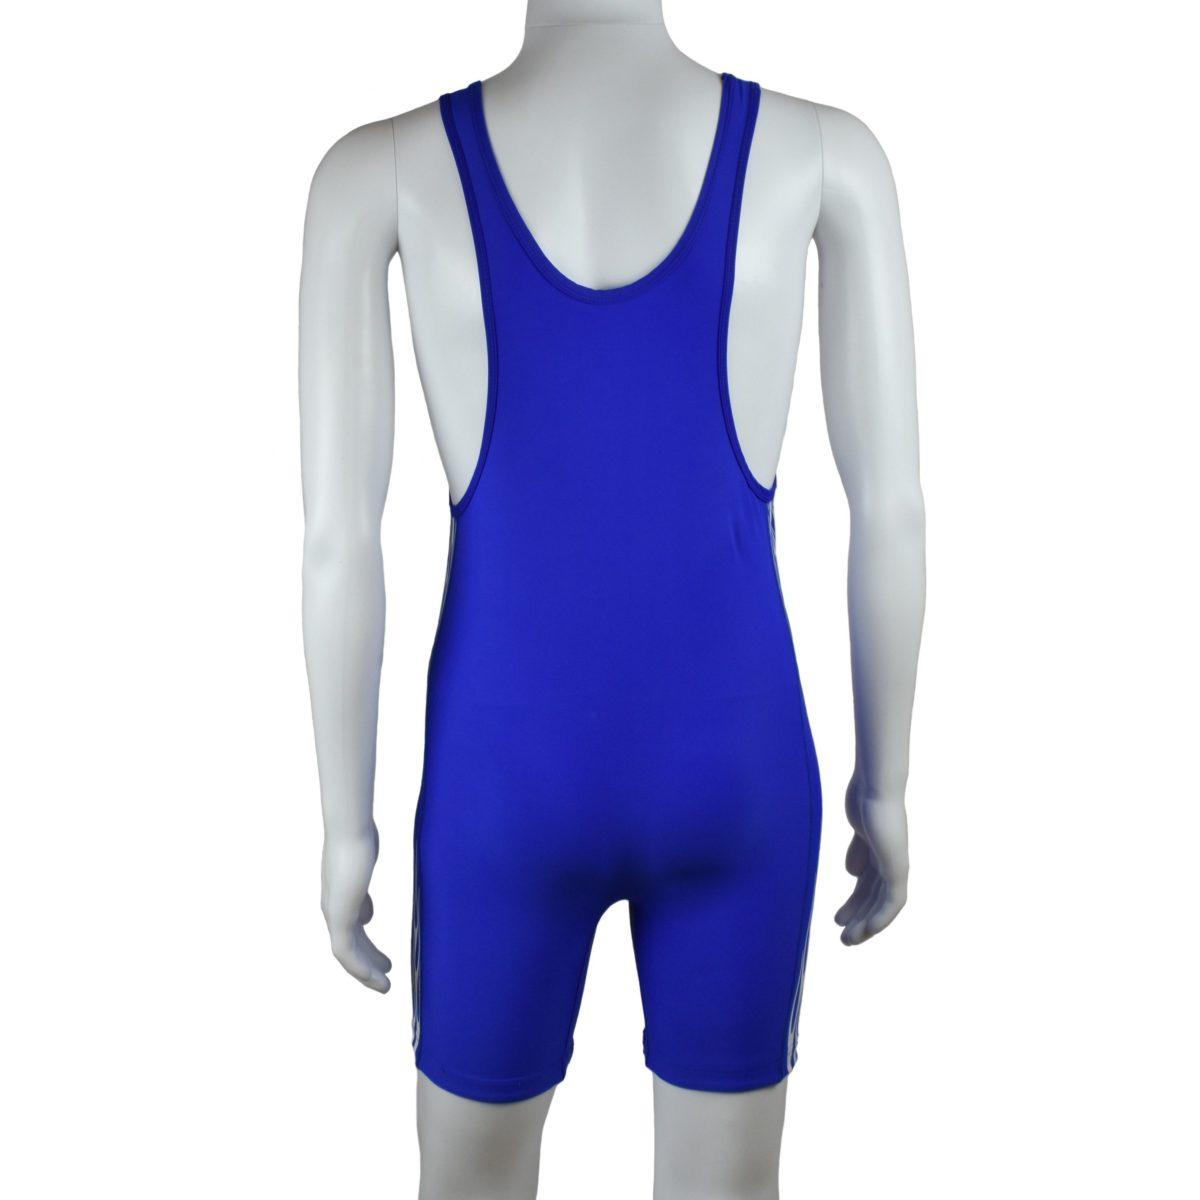 CLIFF Трико борцовское  236: синий - 3